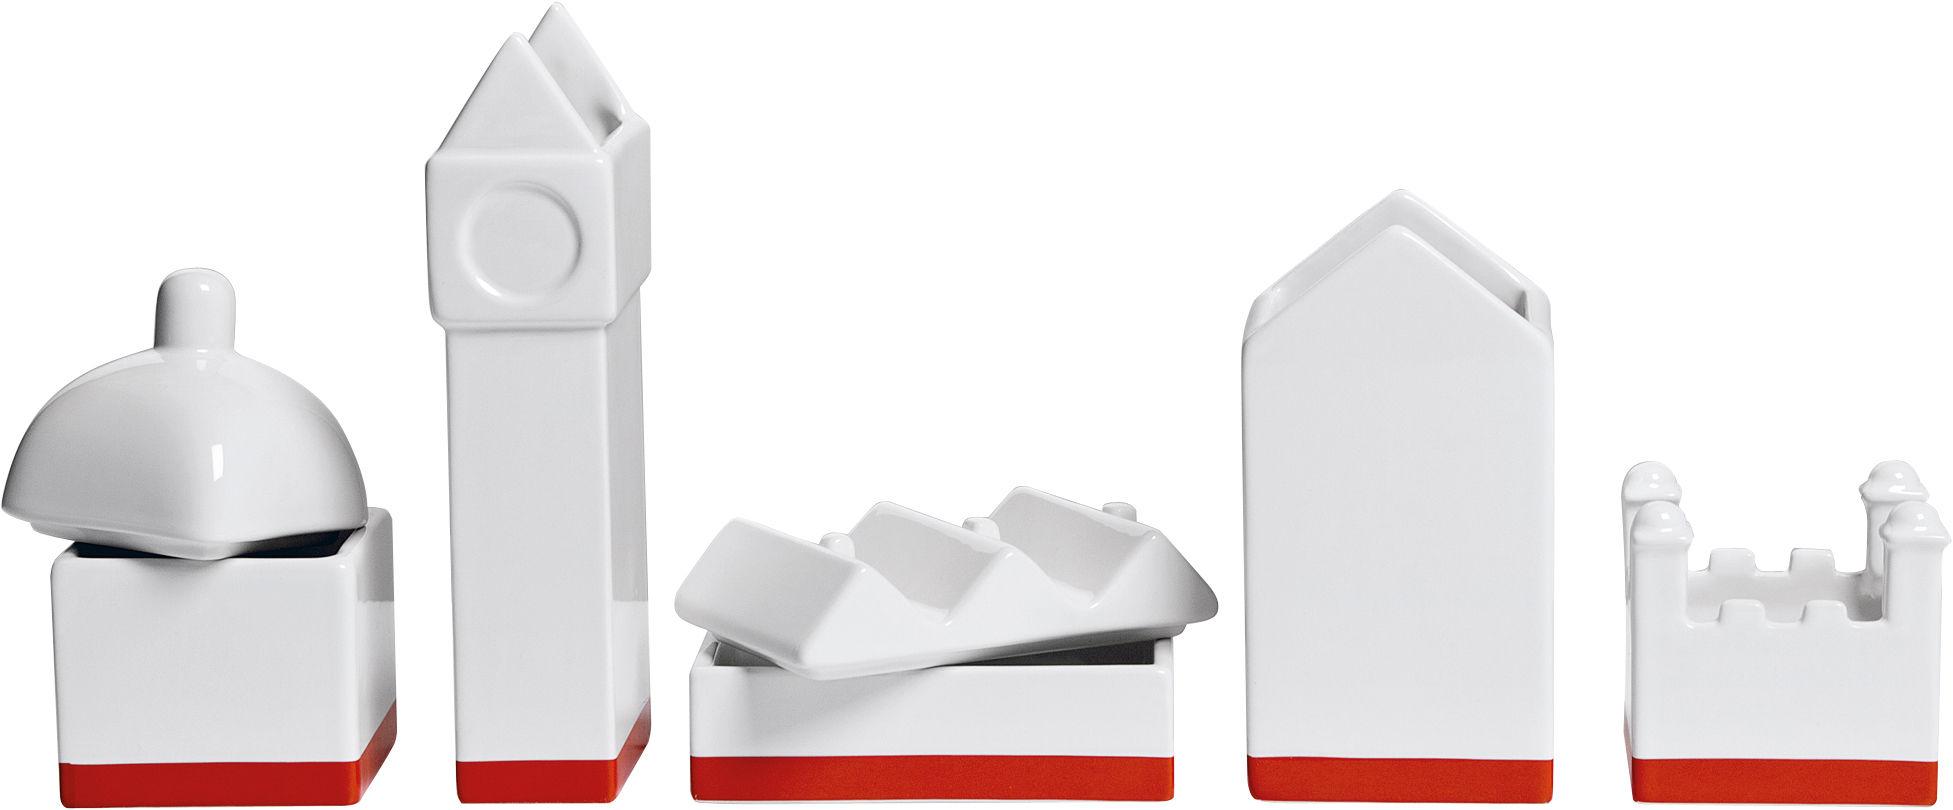 Déco - Accessoires bureau - Boîte La City / Set boîtes pour bureau - L 33 cm - Seletti - Blanc - Porcelaine